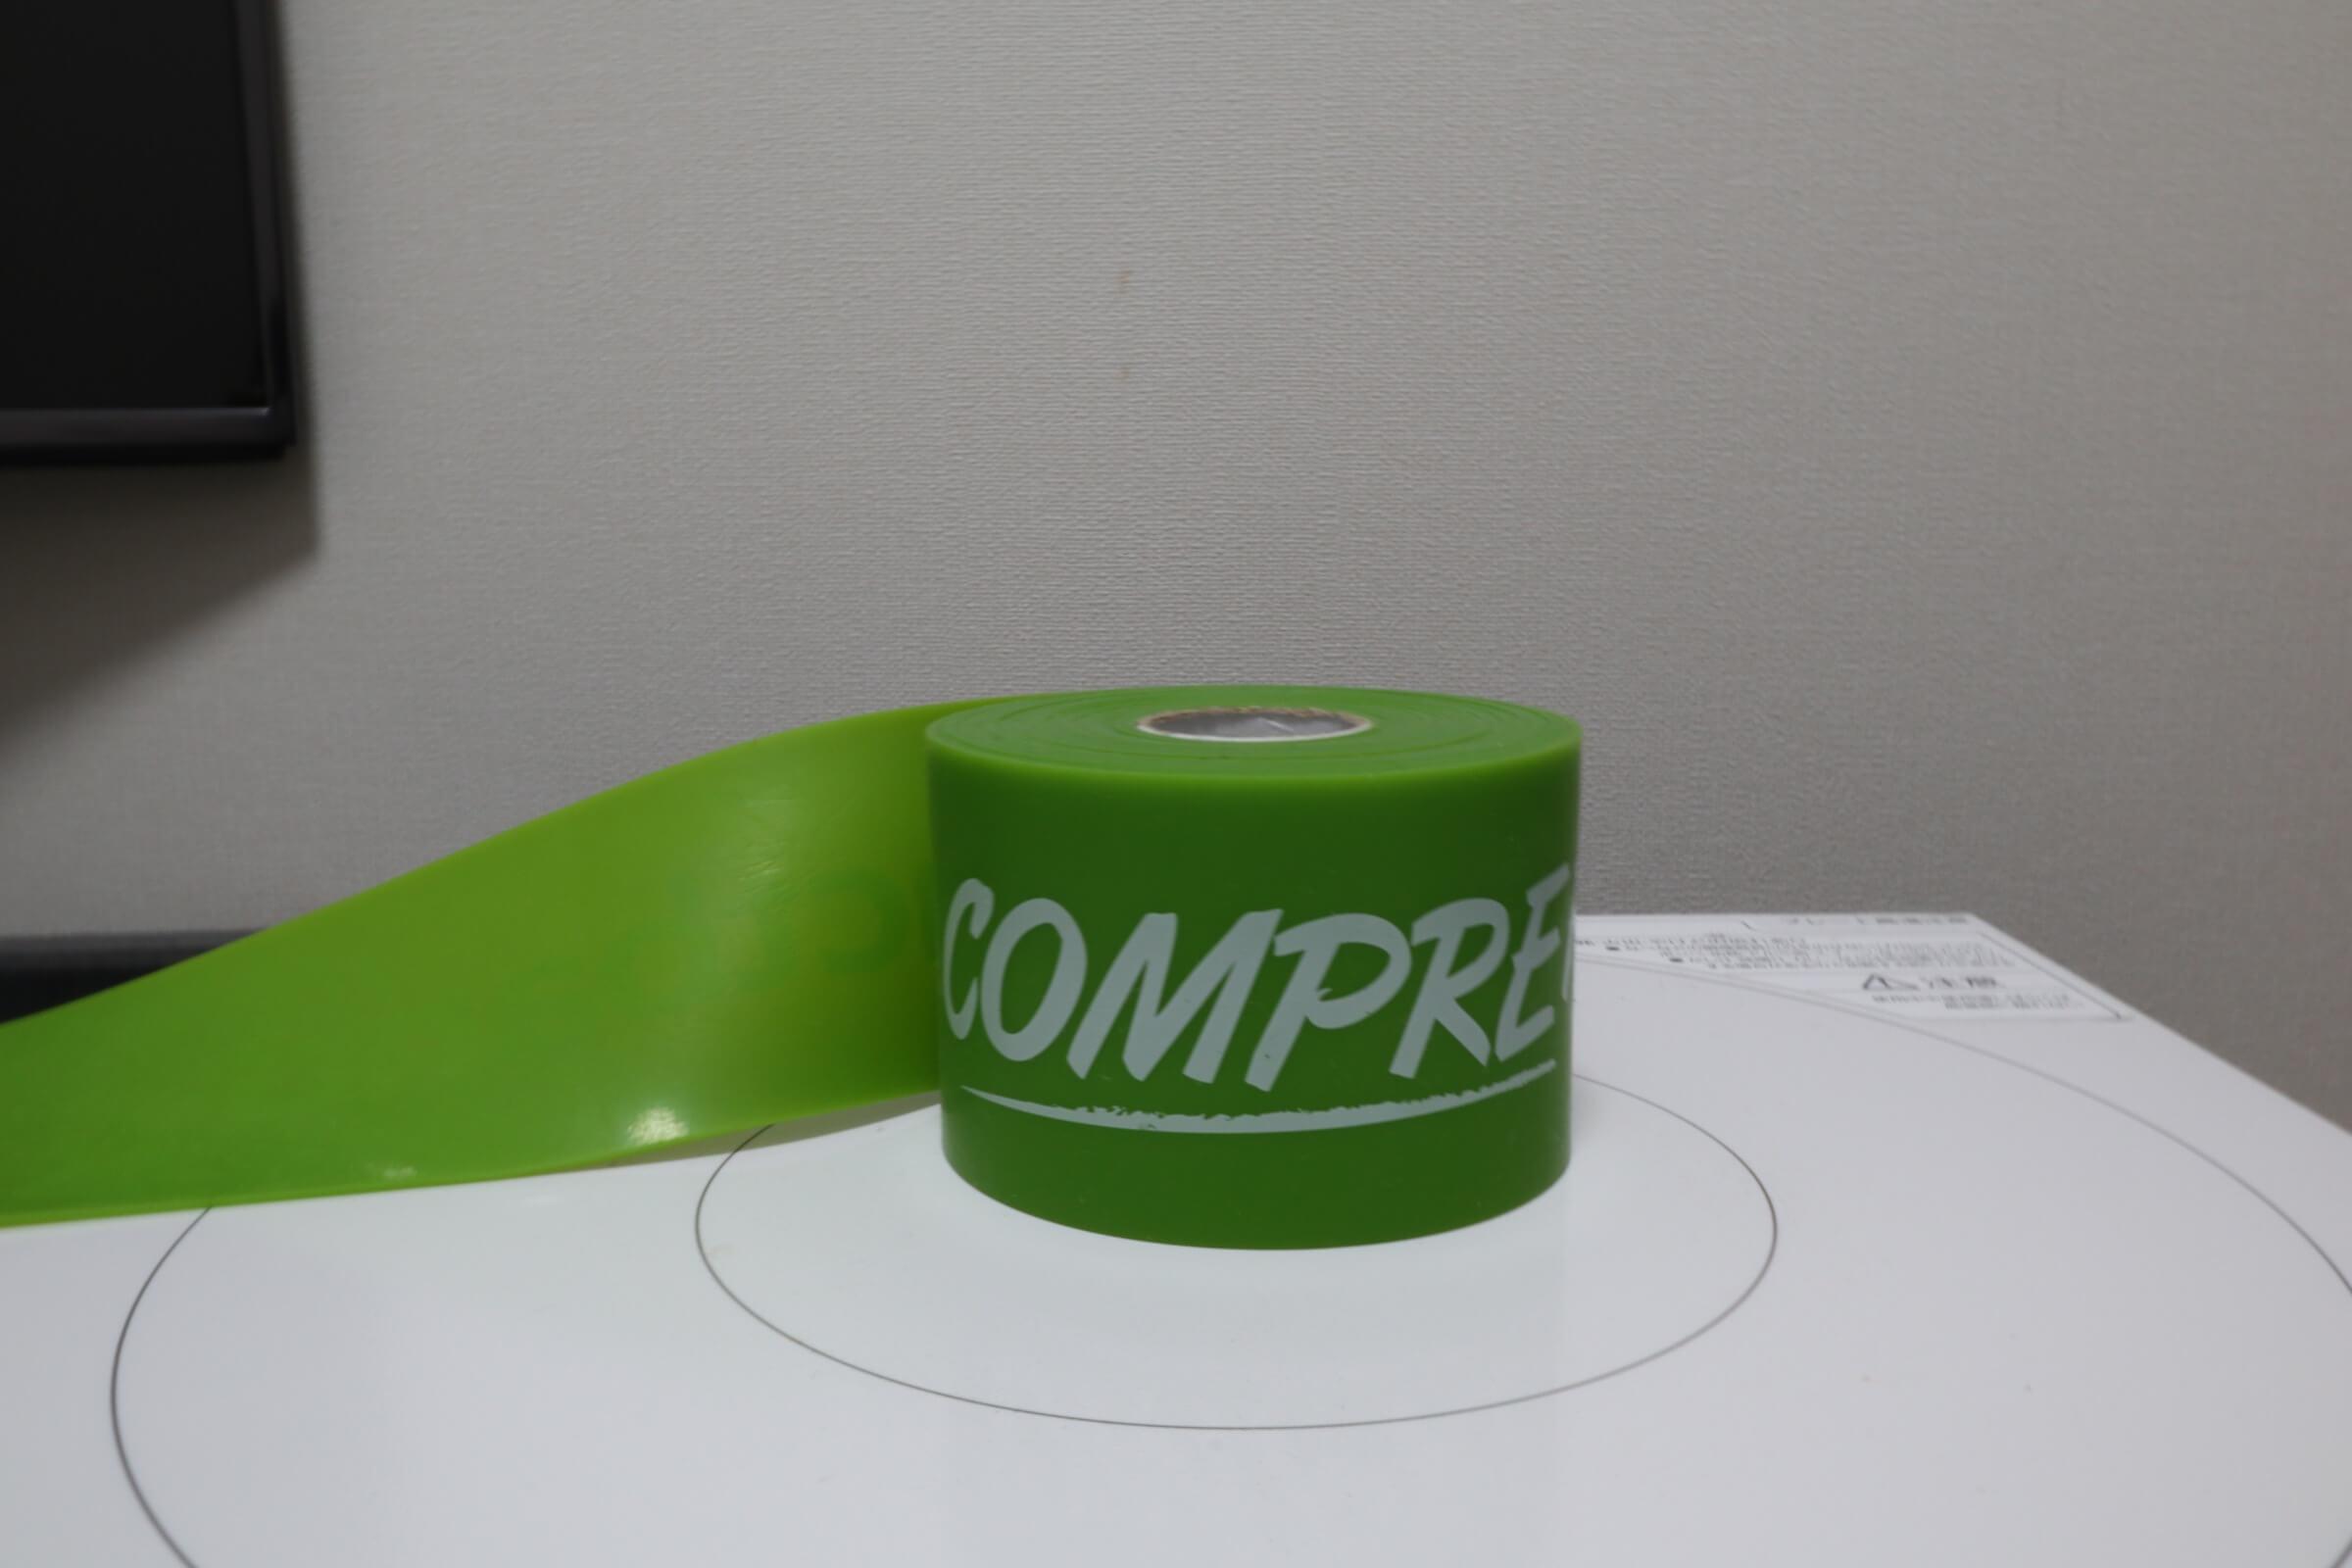 コンプレフロス